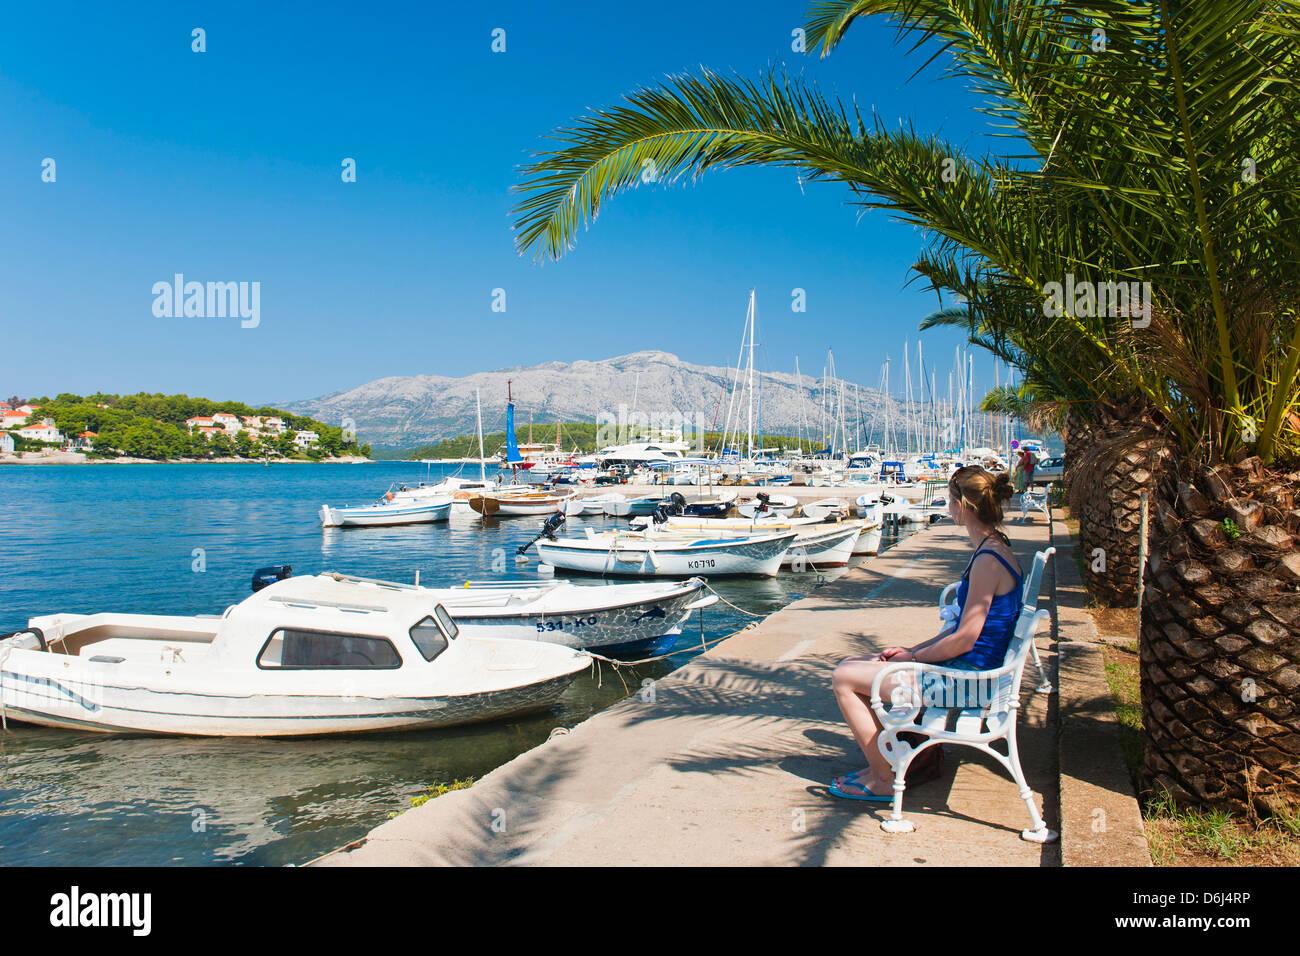 Touristen sitzen in Lumbarda Hafen, Insel Korcula, Dalmatien, Adria, Kroatien, Europa Stockbild